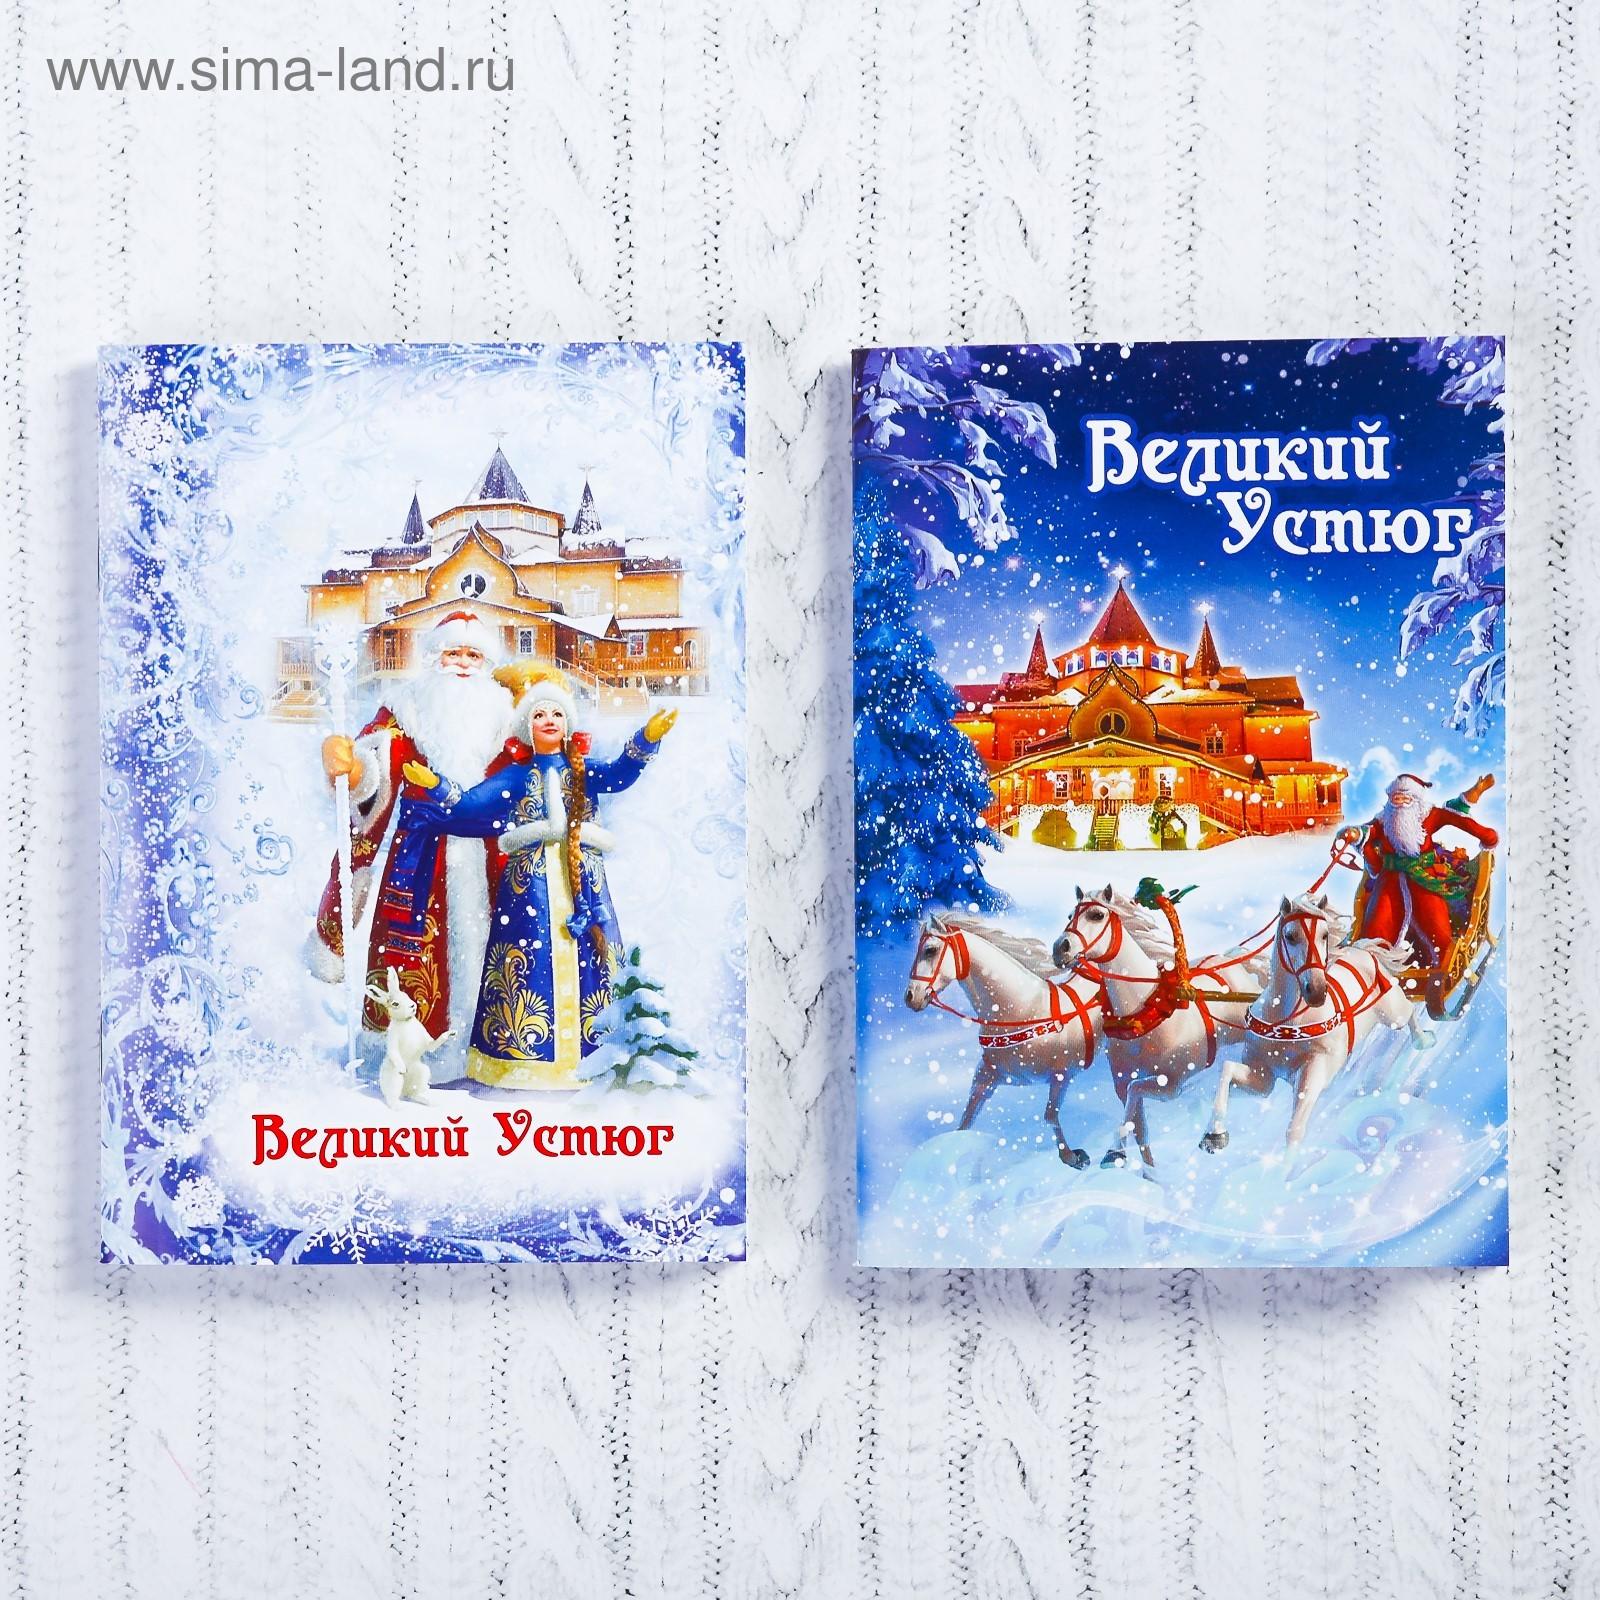 Новогодние открытки из великого устюга